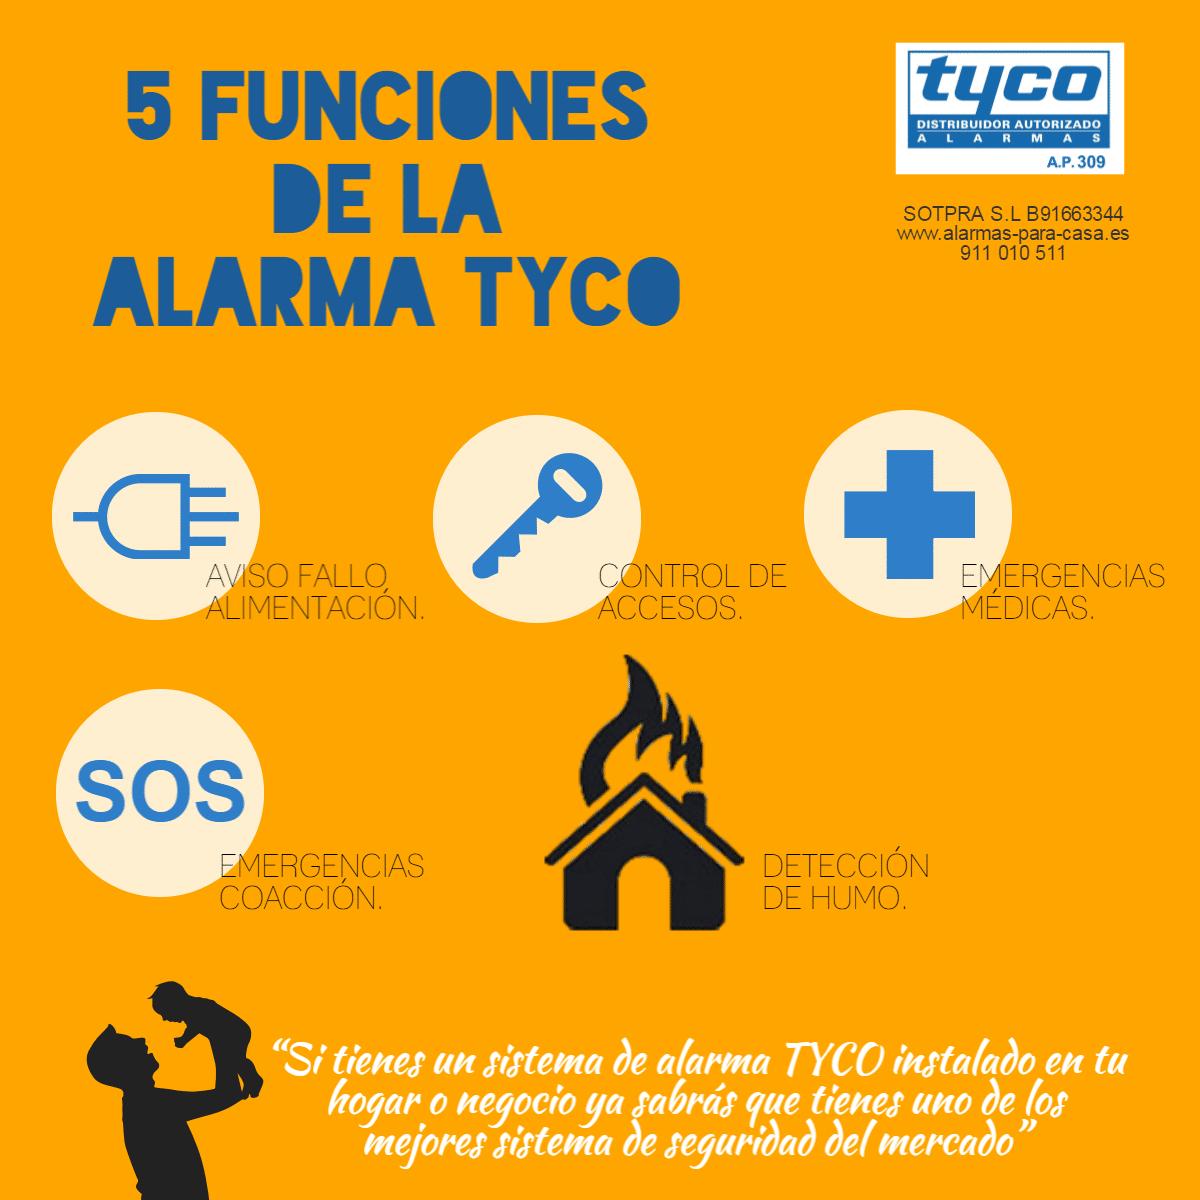 funciones que no conoces de la alarma TYCO